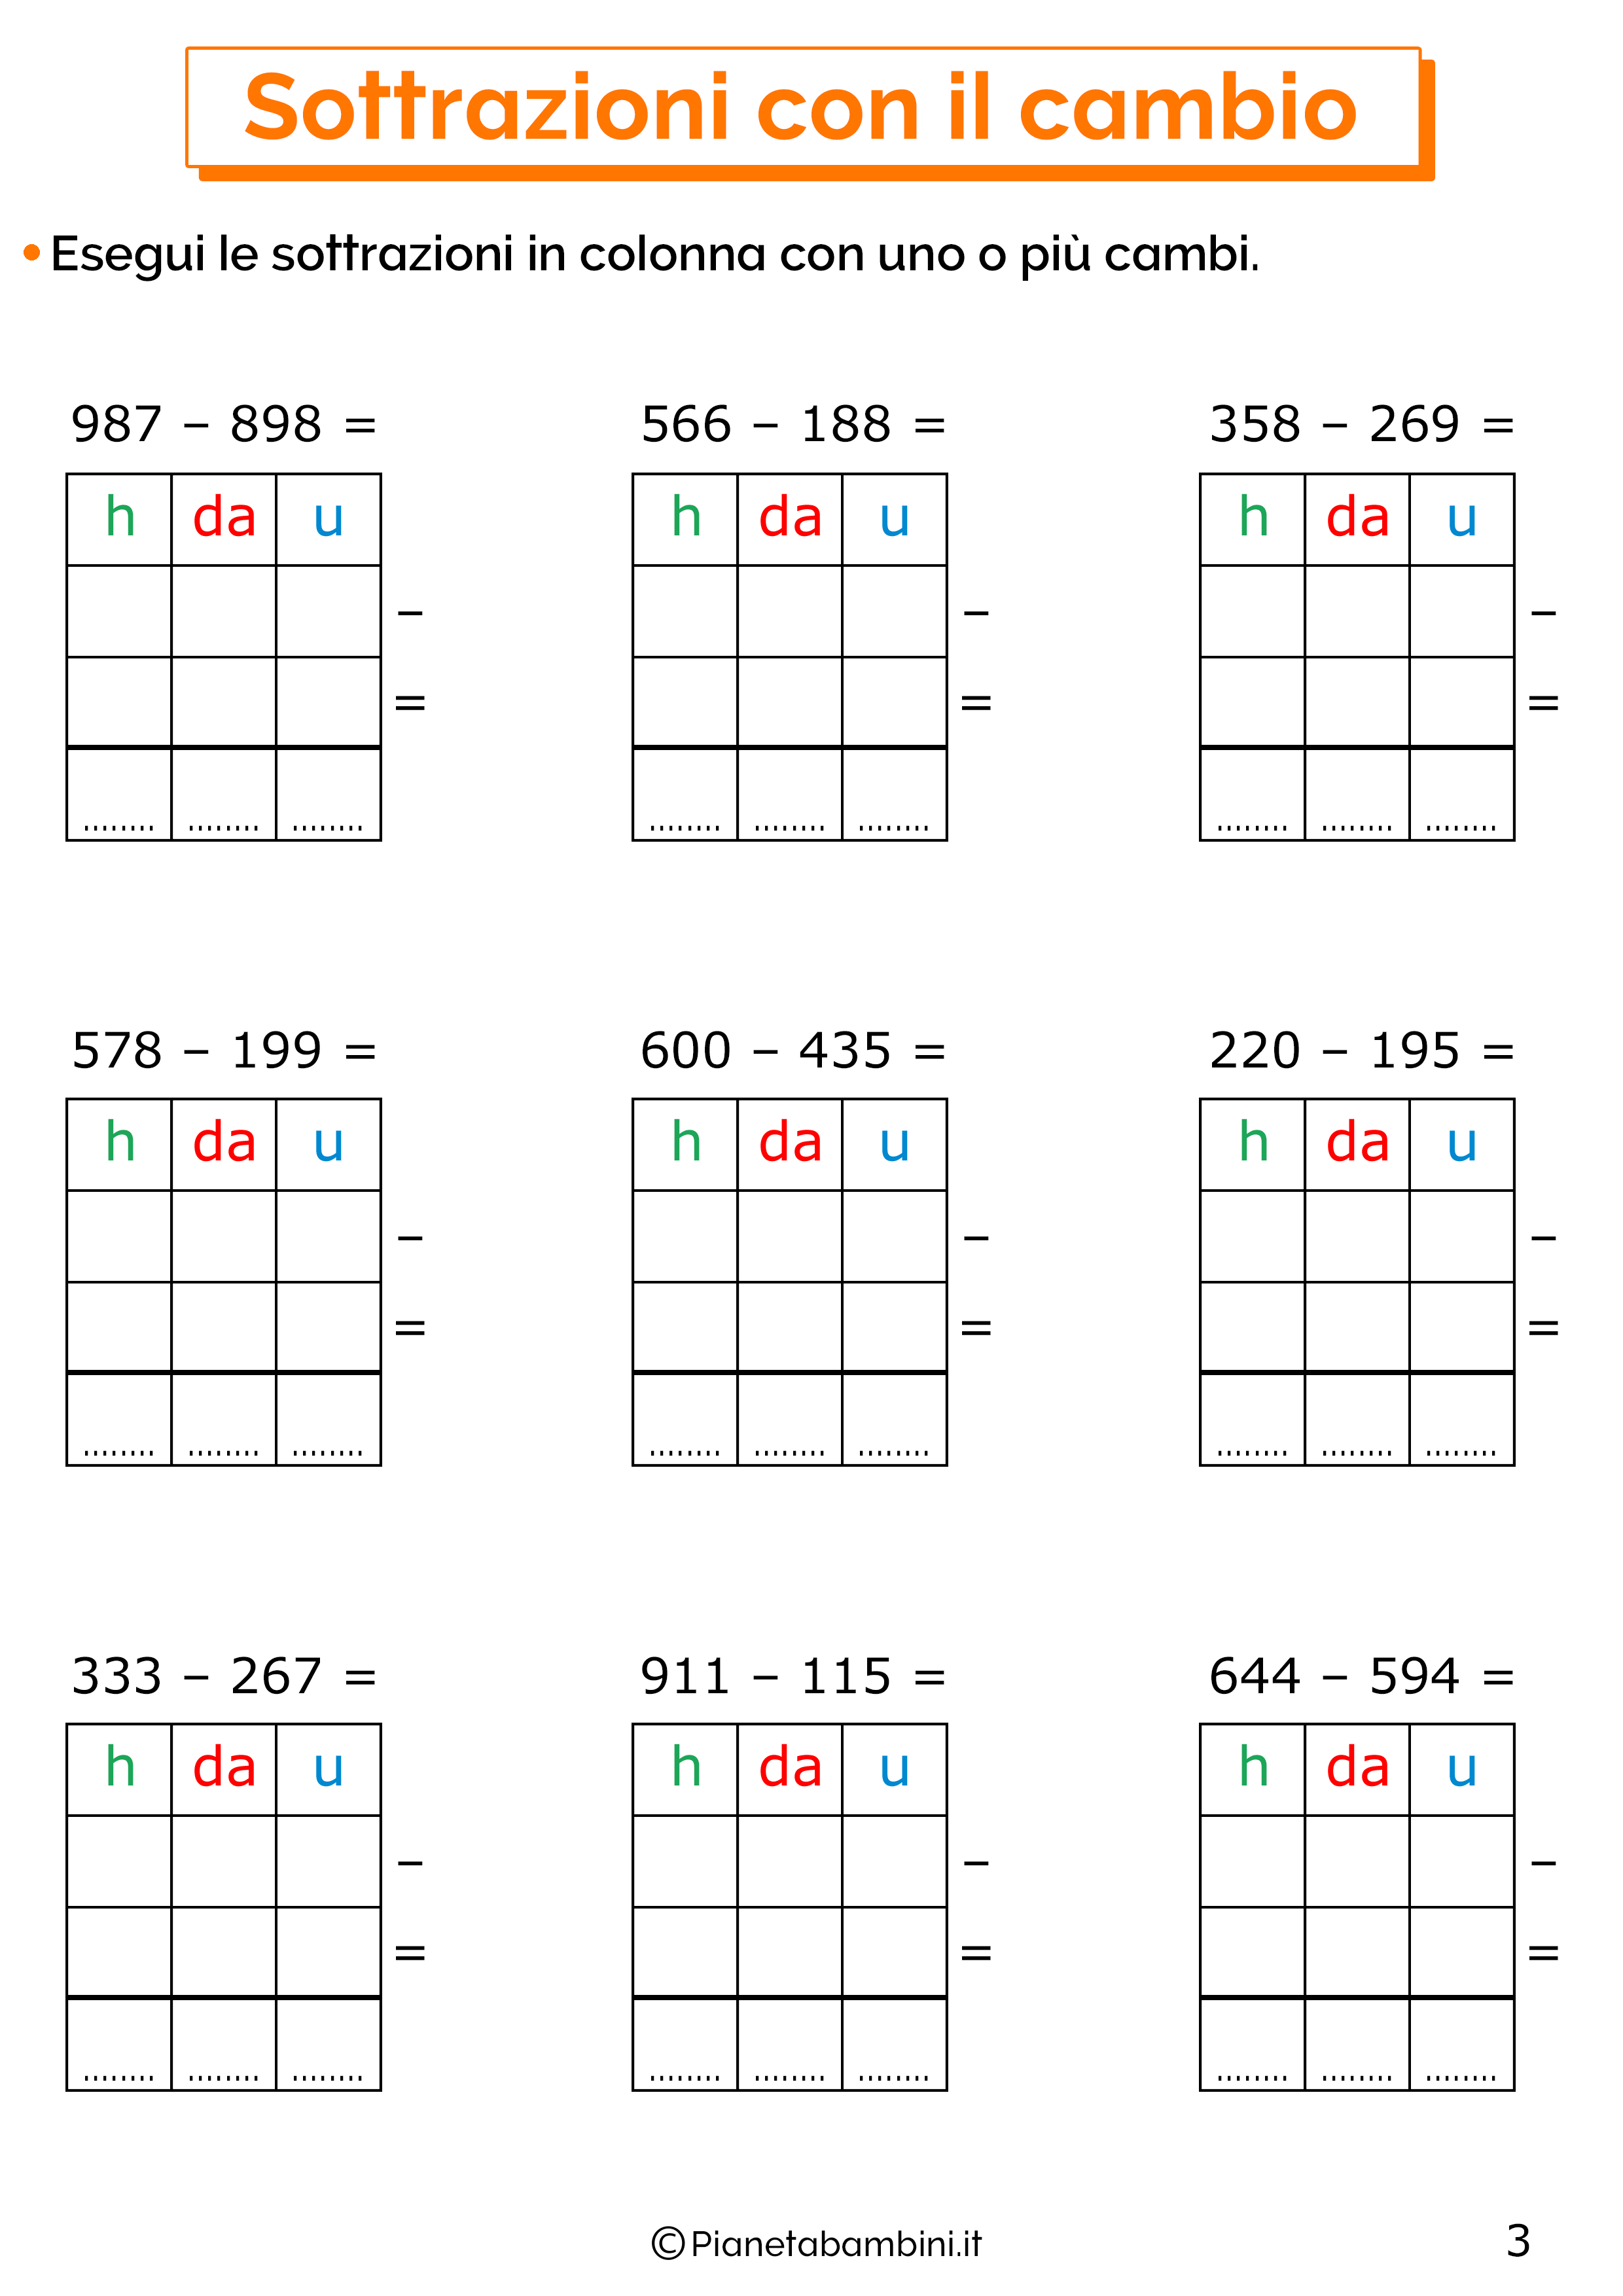 Sottrazioni con cambio a tre cifre per la classe terza 3